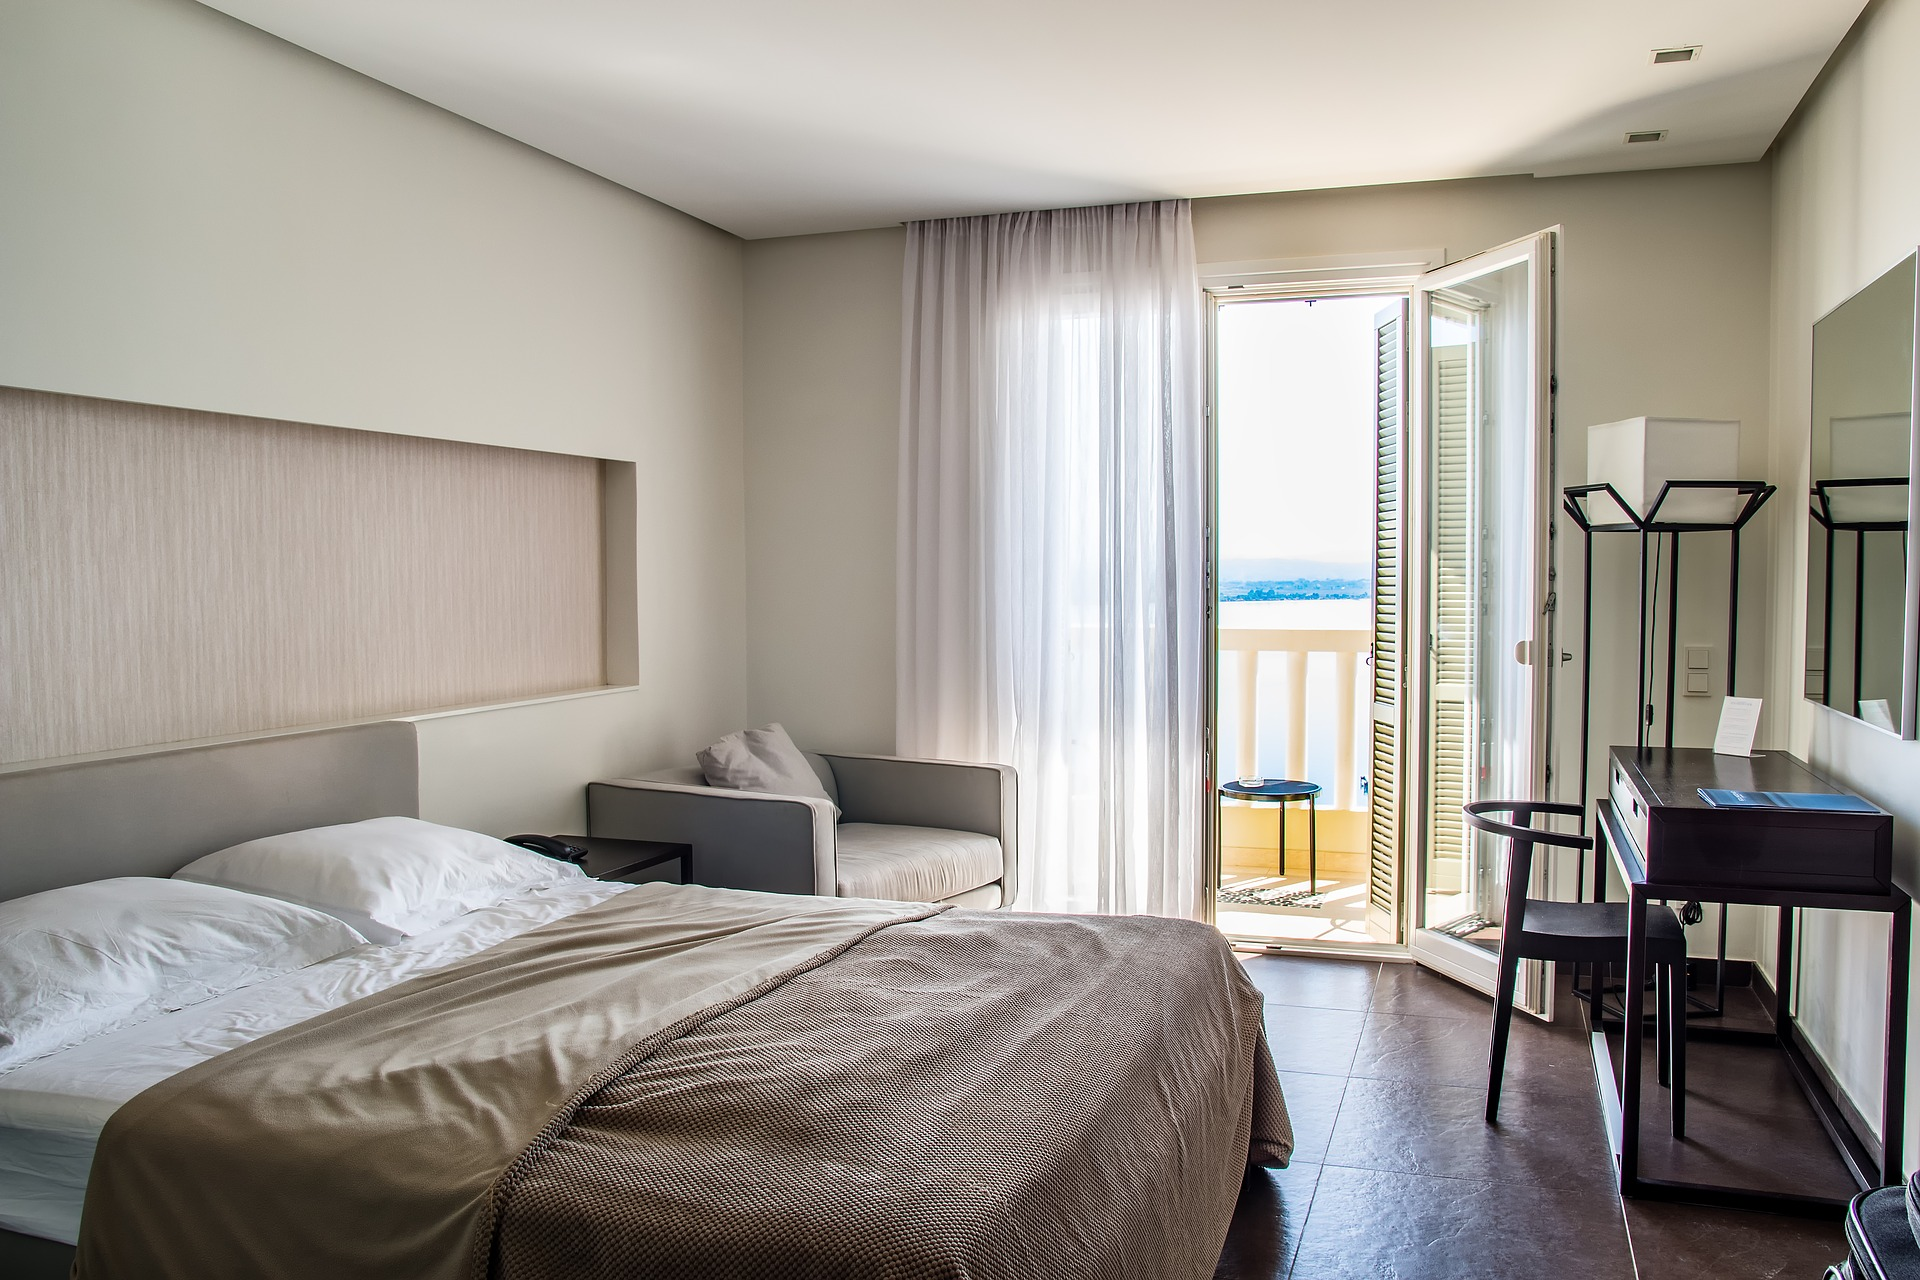 Dracénie Provence Verdon Agglomération - Hébergement & restauration